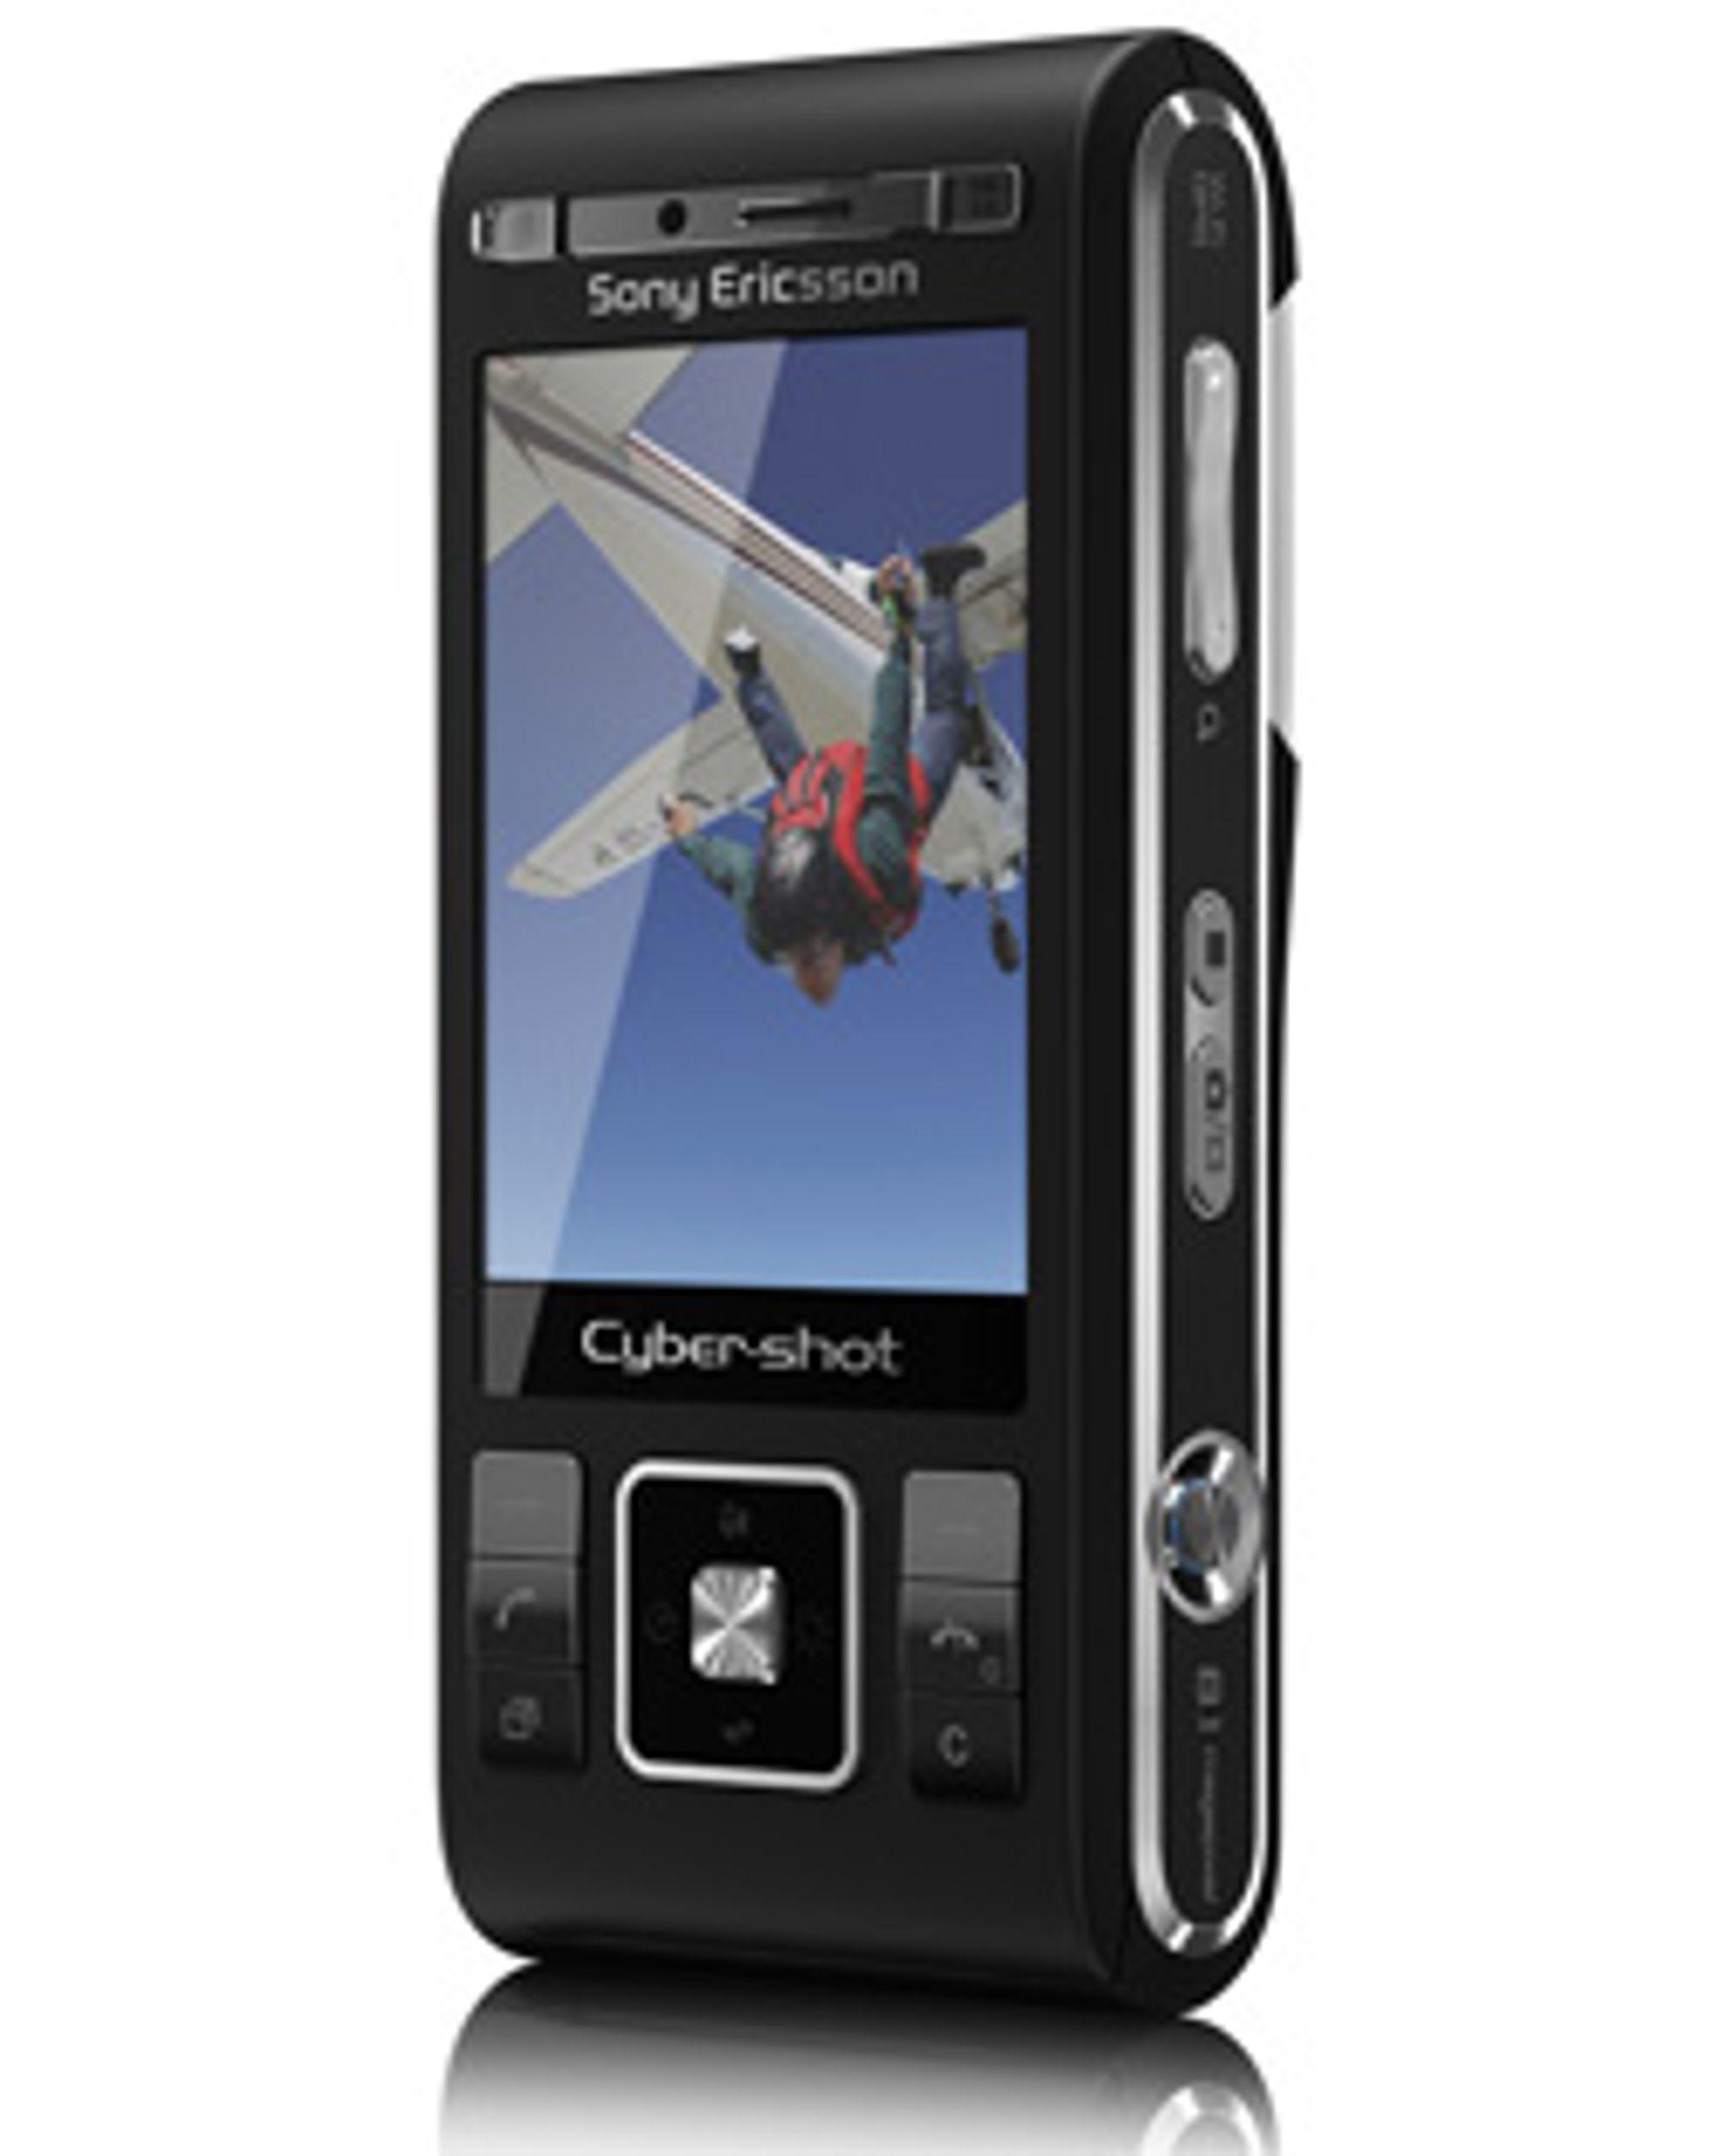 C905 har hatt flere alvorlige problemer. (Foto: Sony Ericsson)